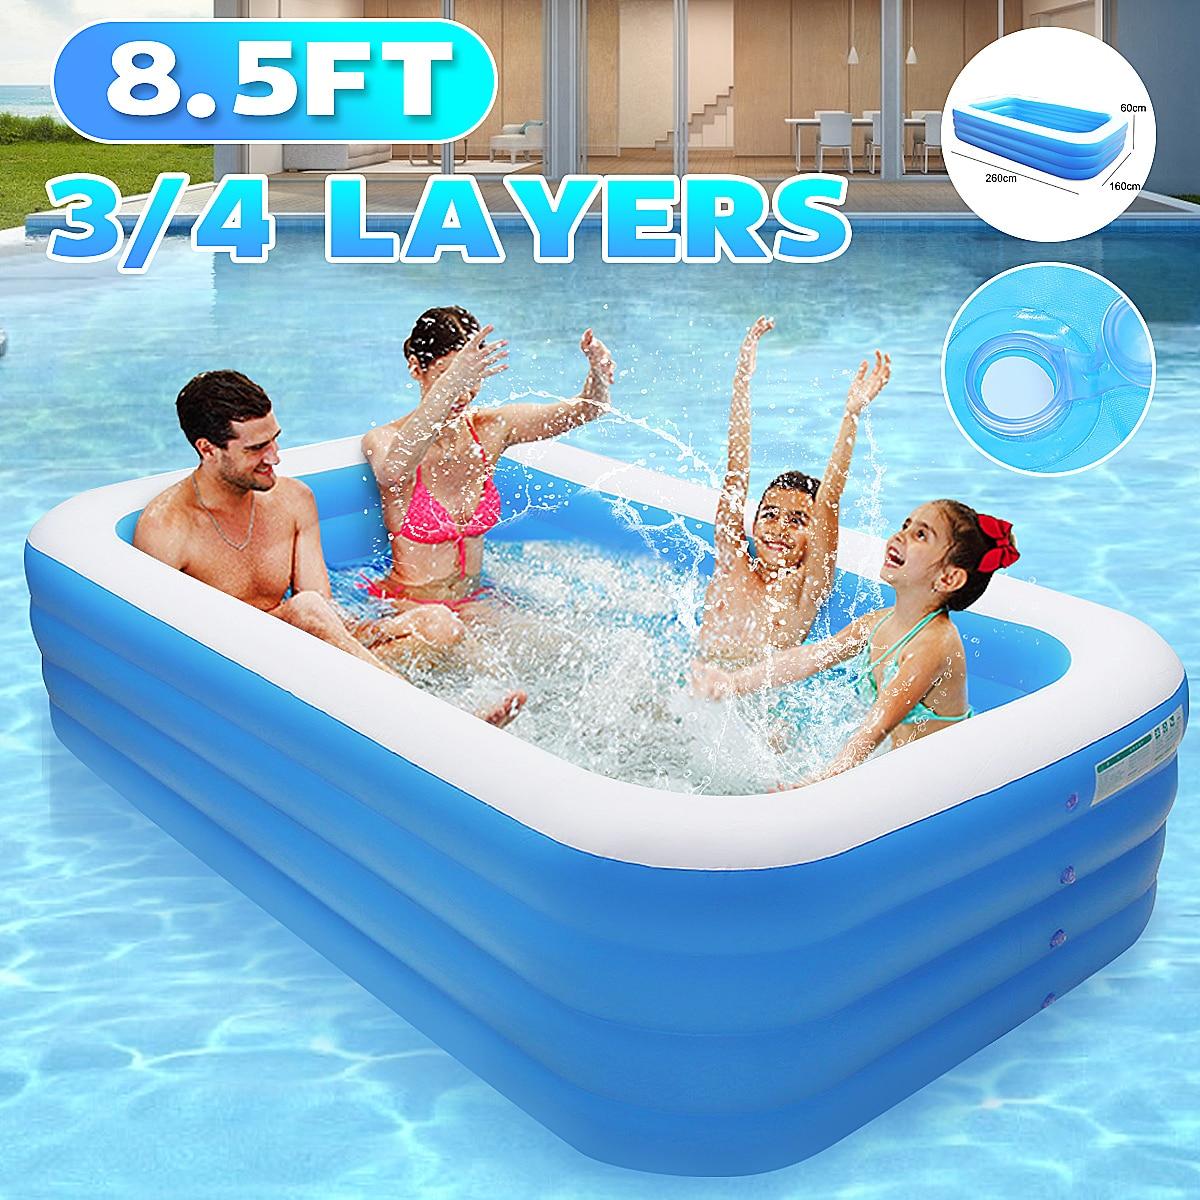 Надувной бассейн для дома, для взрослых и детей, 3/4 слоя, 260x160x6 0/72 см